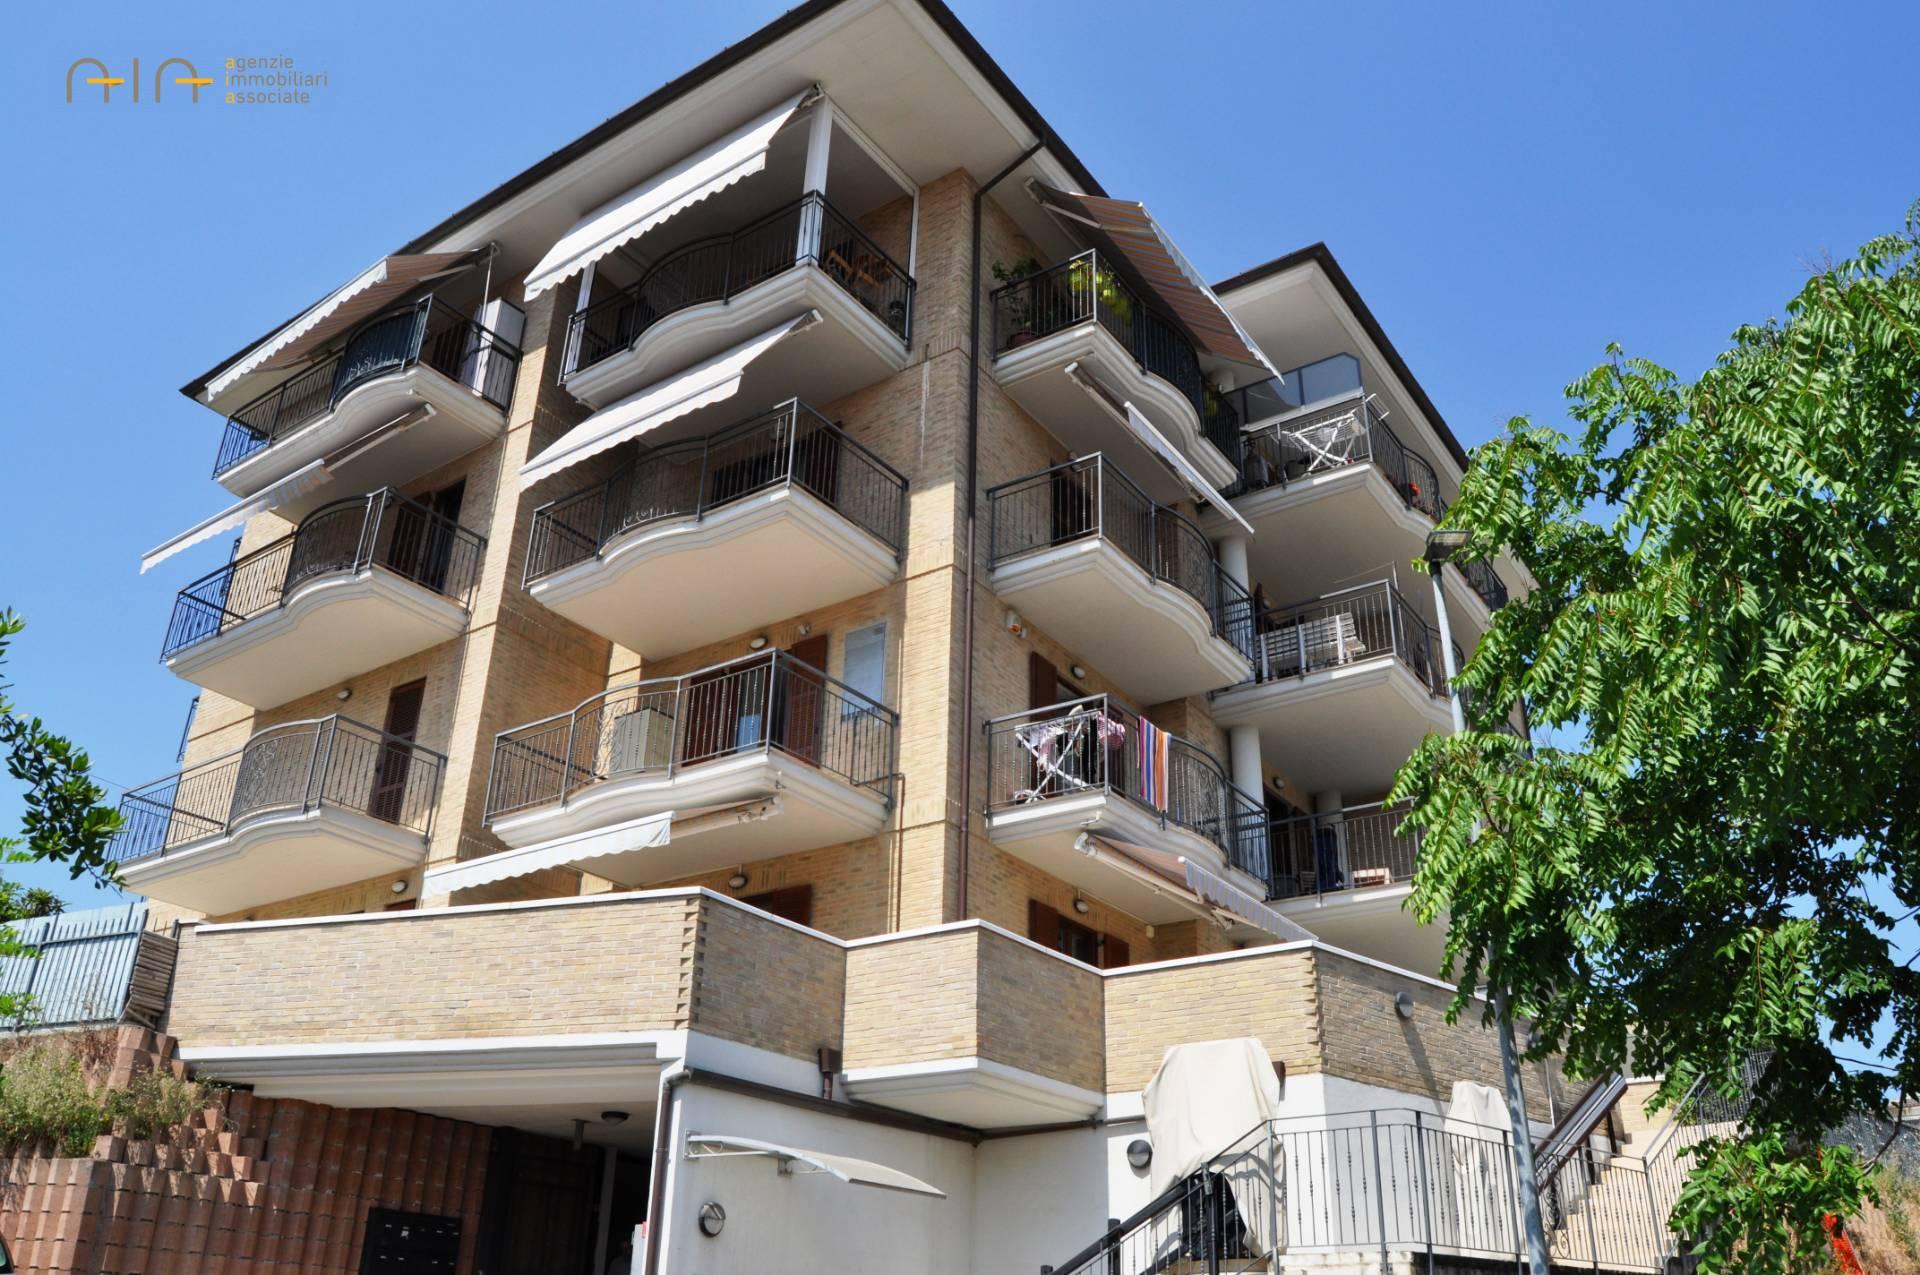 Appartamento in vendita a Monteprandone, 3 locali, zona Zona: Centobuchi, prezzo € 80.000 | CambioCasa.it